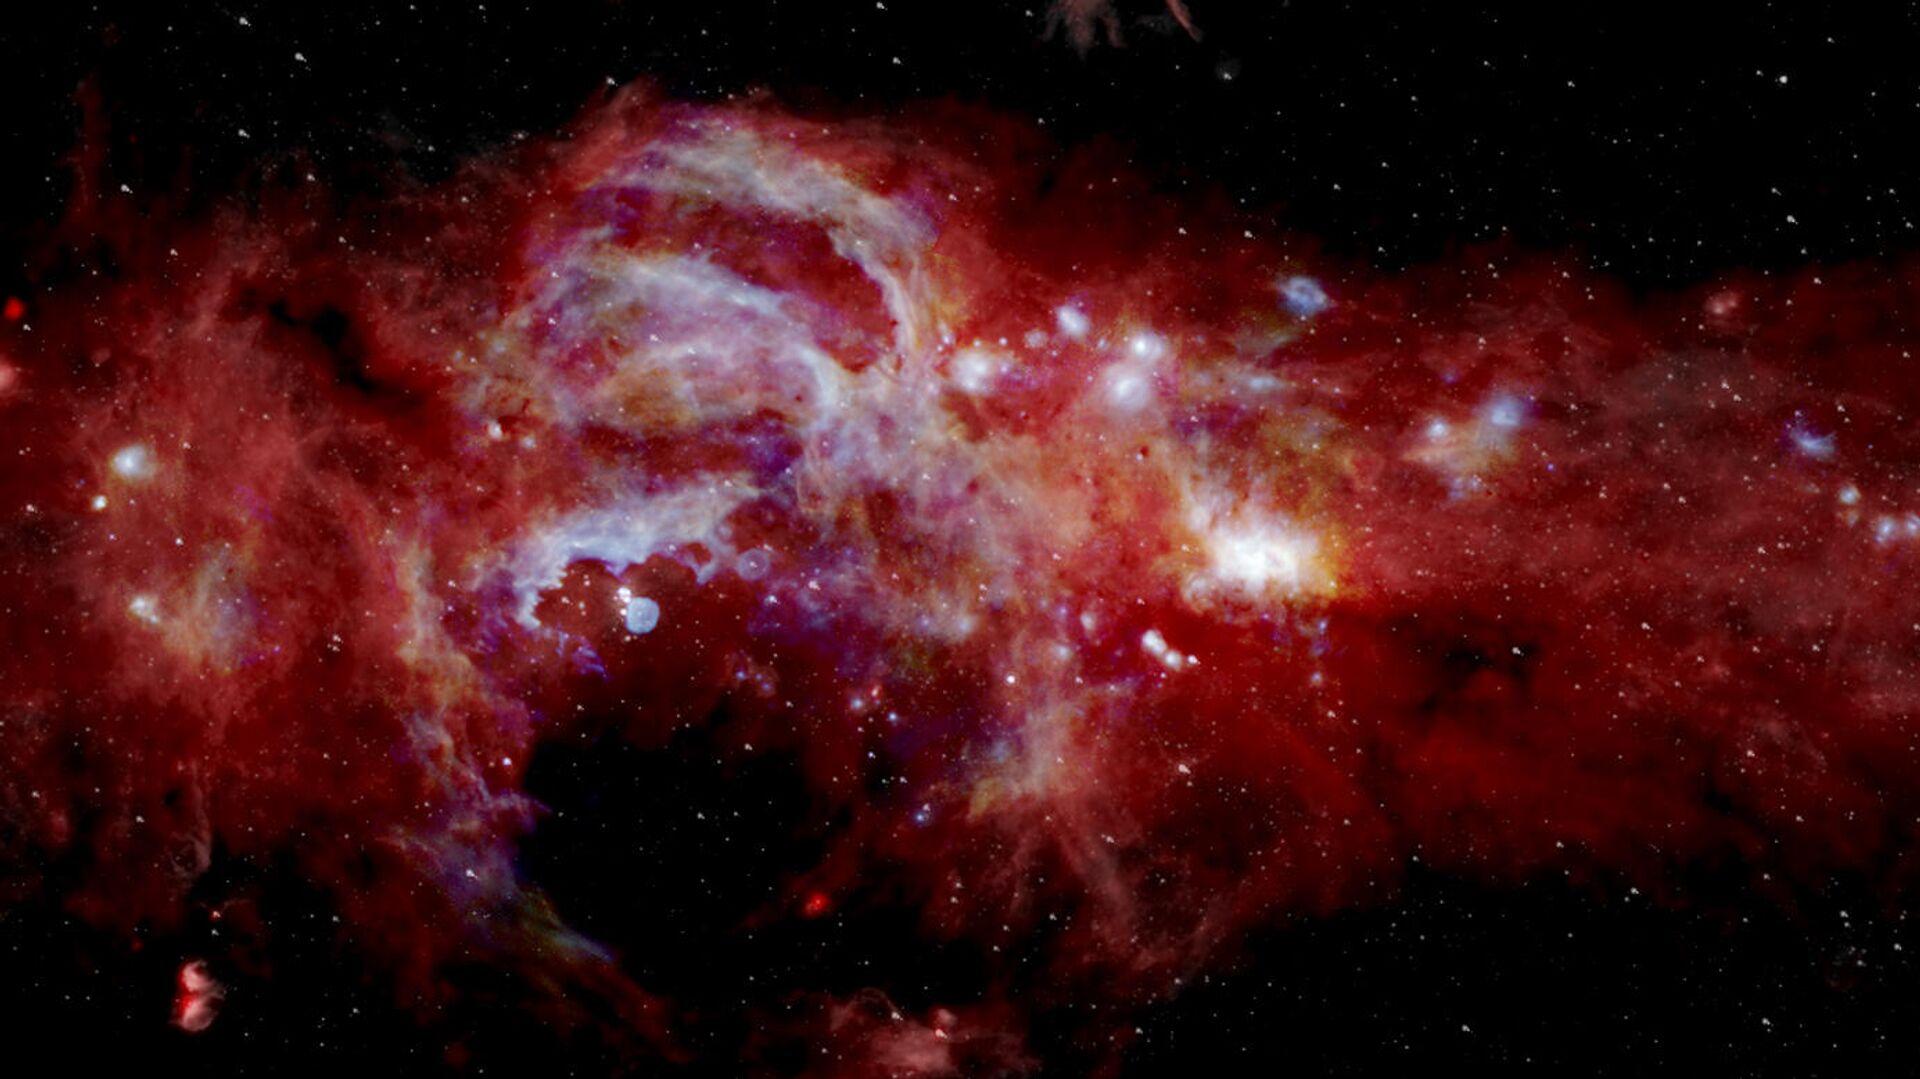 Составное инфракрасное изображение центра нашей галактики Млечный Путь, охватывающее более 600 световых лет - РИА Новости, 1920, 05.11.2020